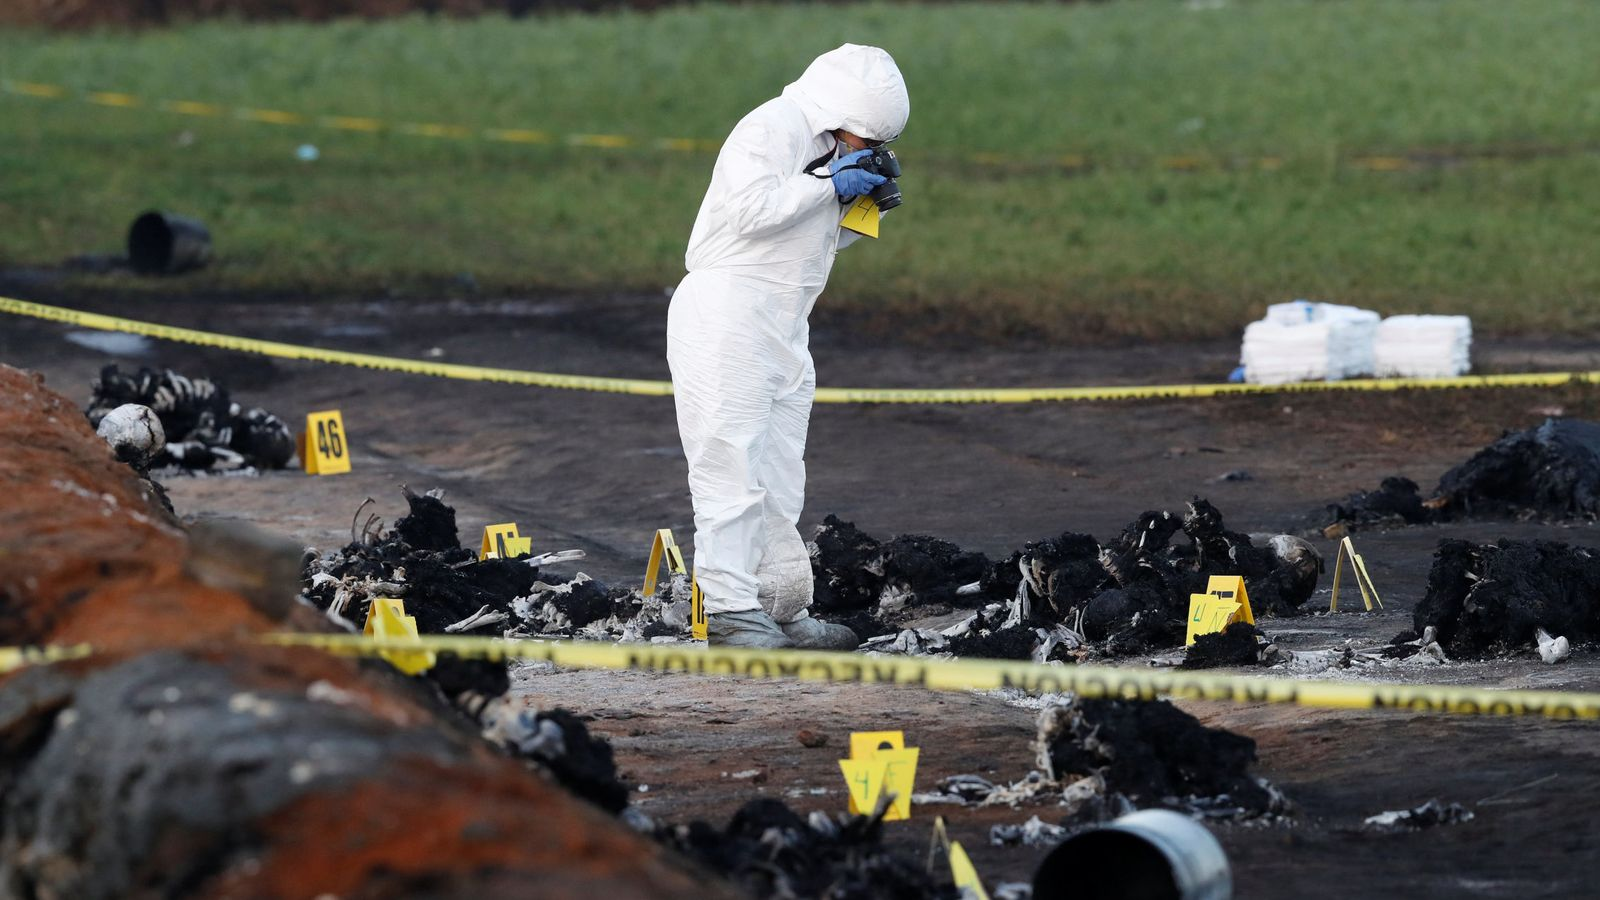 Foto: Un forense trabaja en el lugar de la explosión. (Reuters)